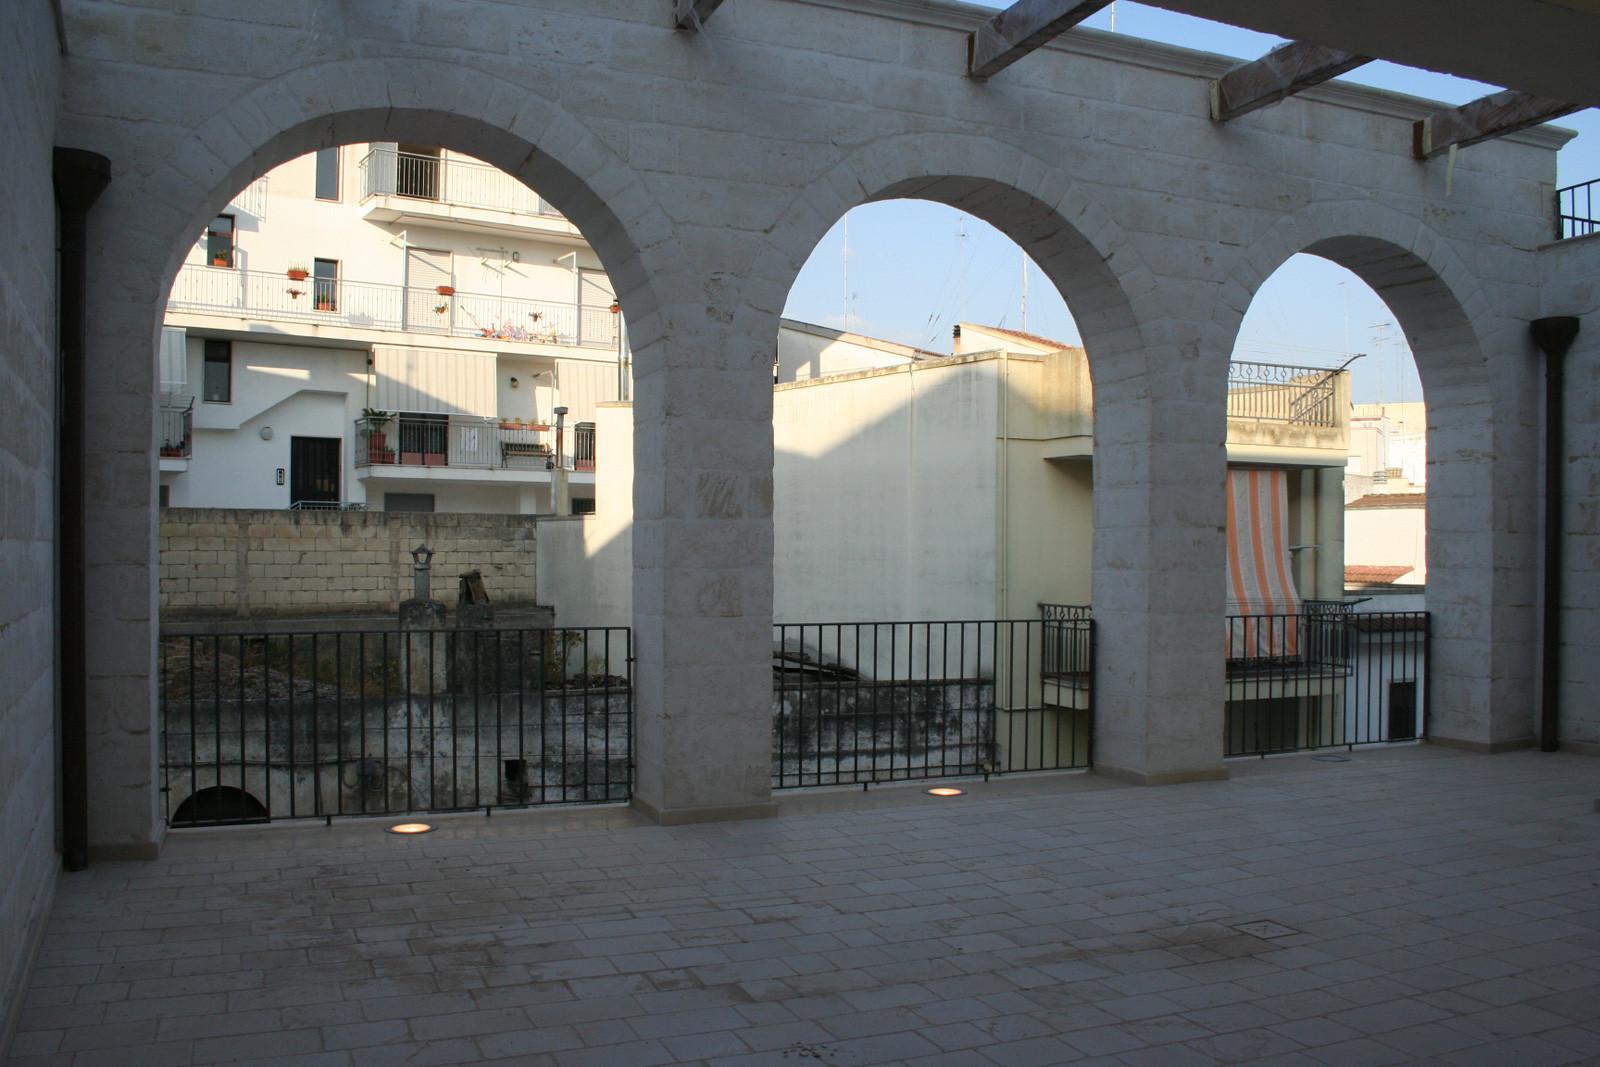 Casa del pellegrino santuario mater domini laterza for Galleria del piano casa